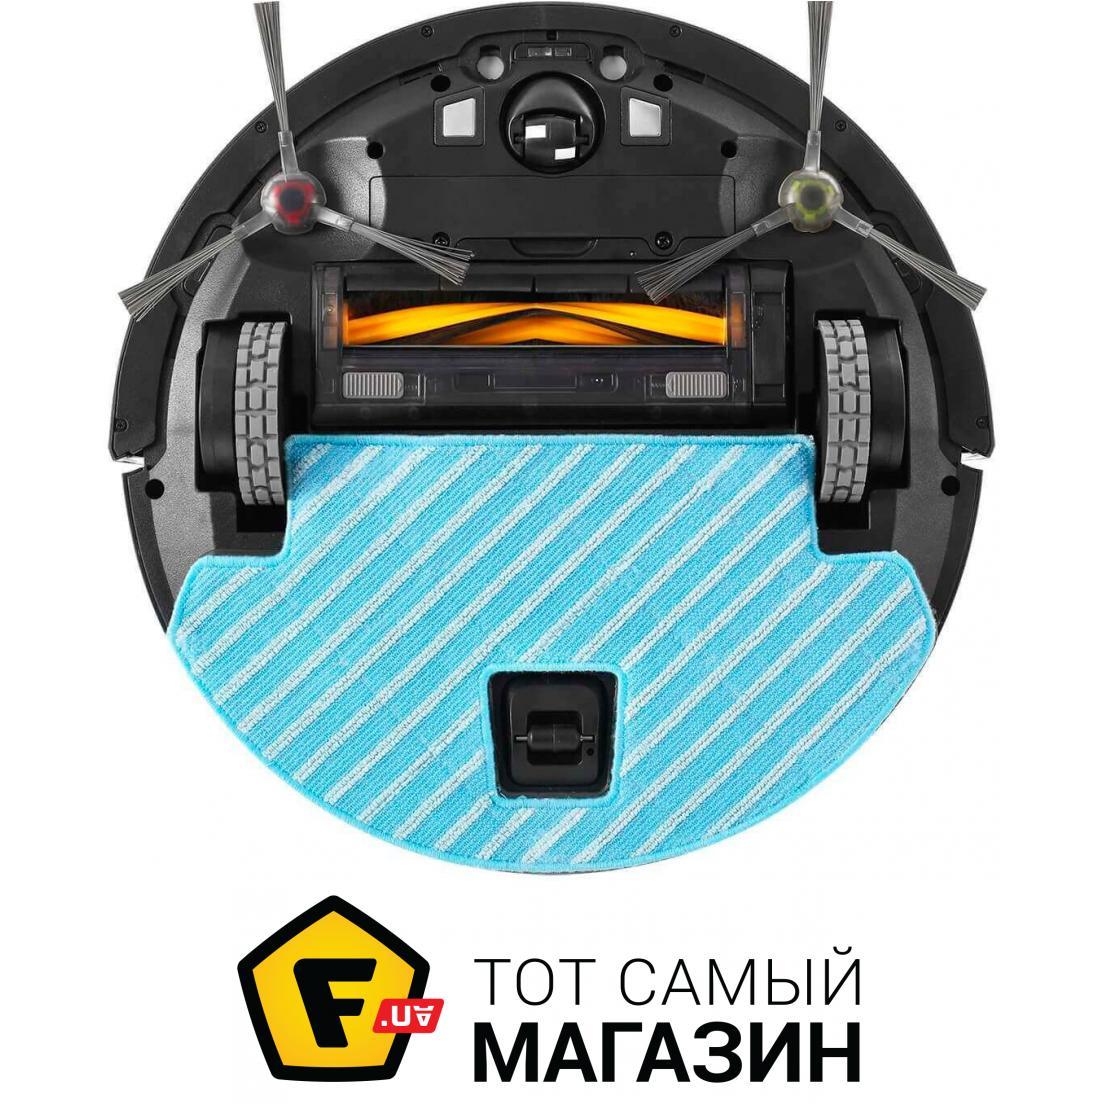 Робот-пылесос ECOVACS DEEBOT OZMO 930 Black-2